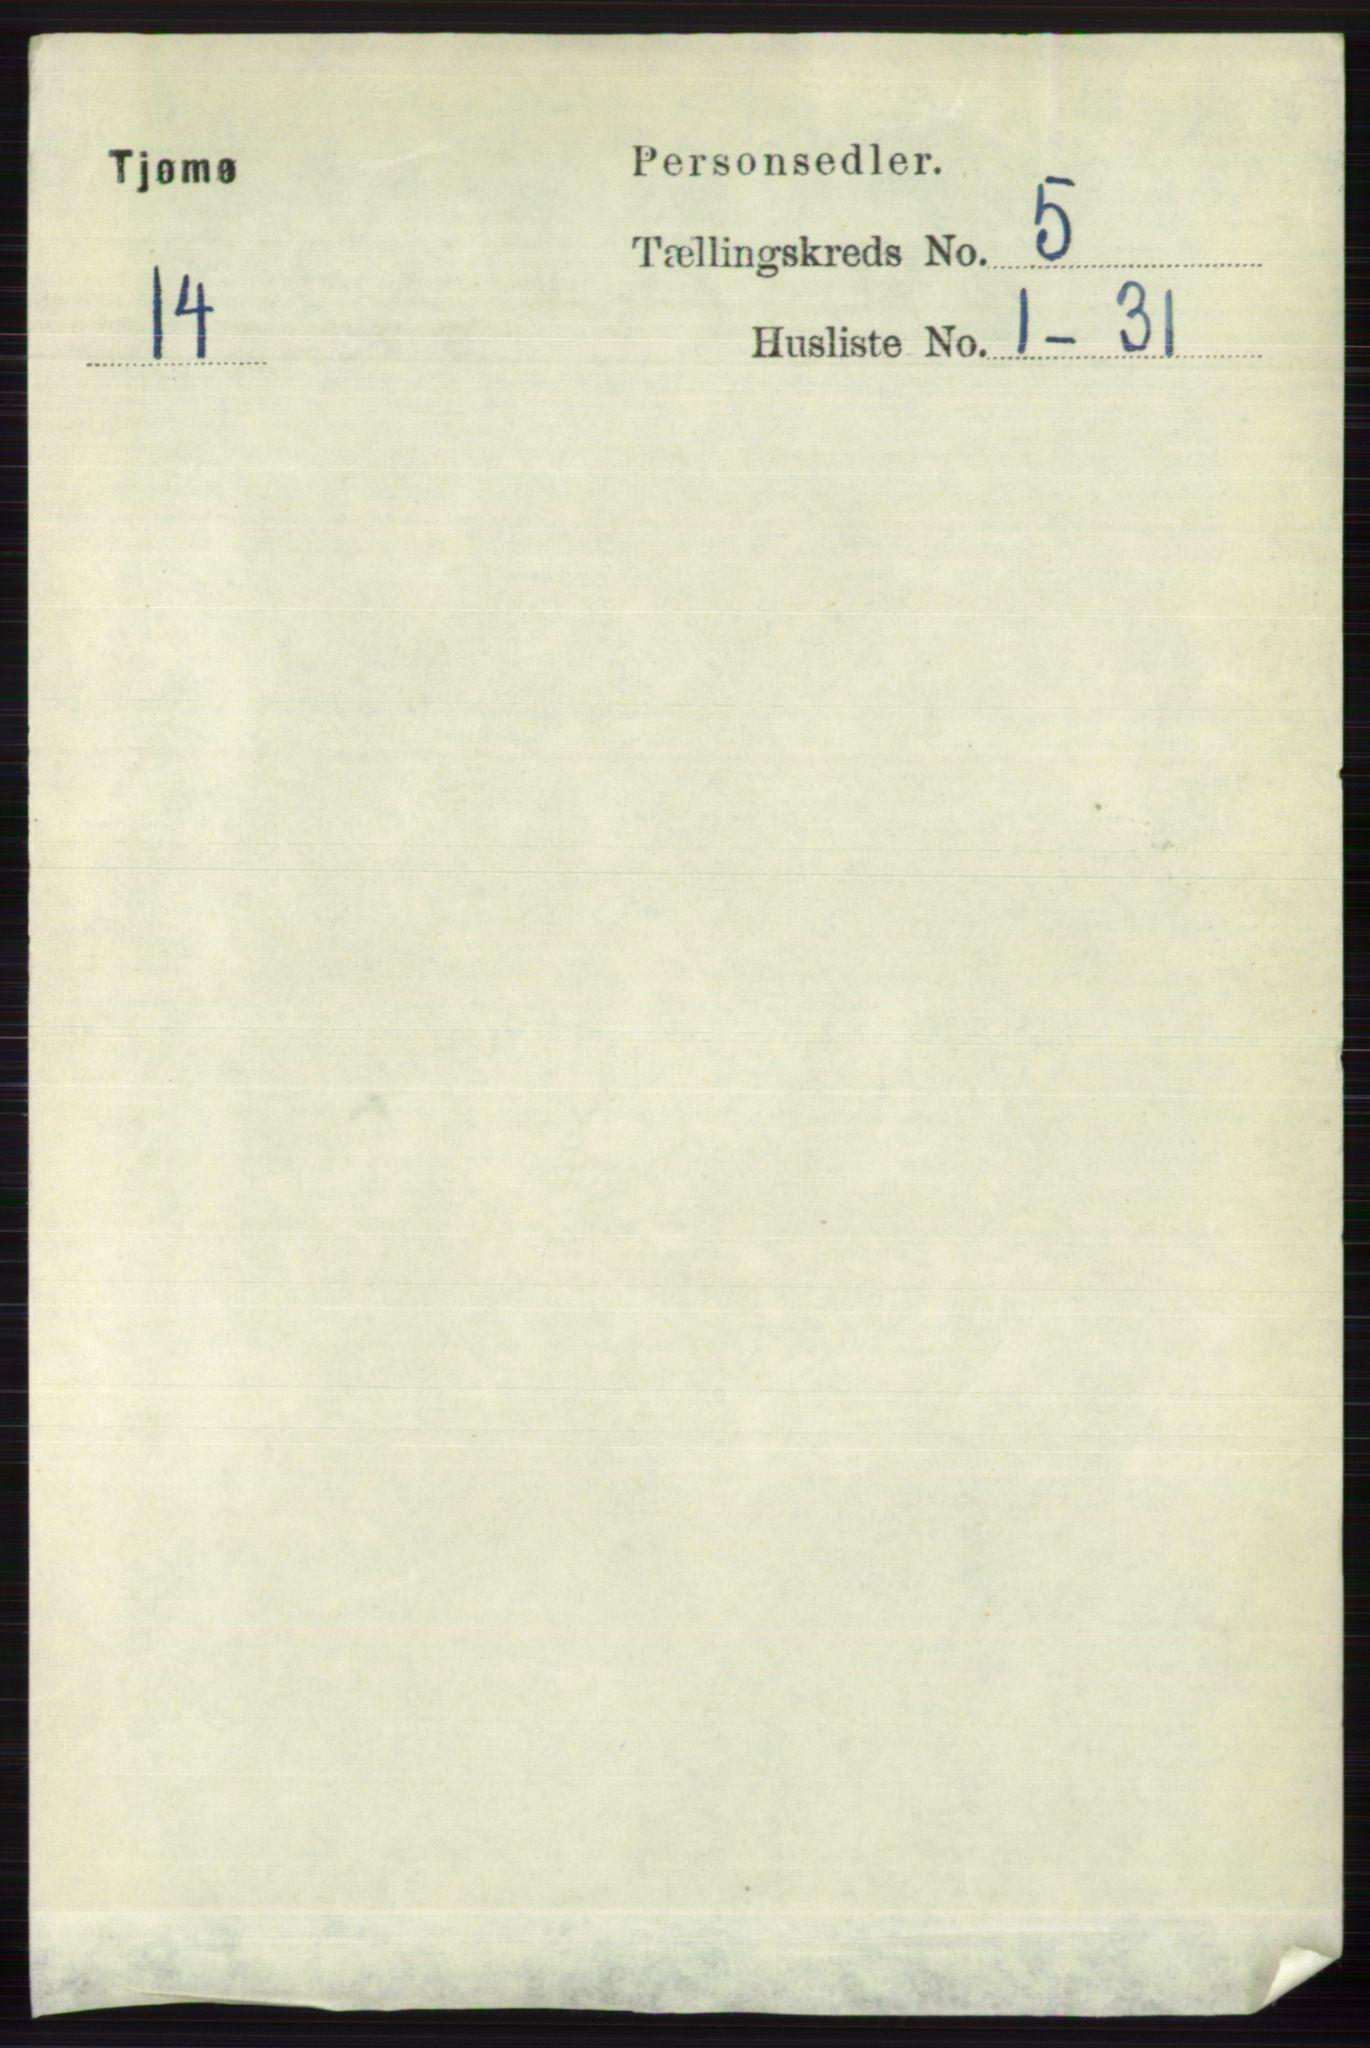 RA, Folketelling 1891 for 0723 Tjøme herred, 1891, s. 1667